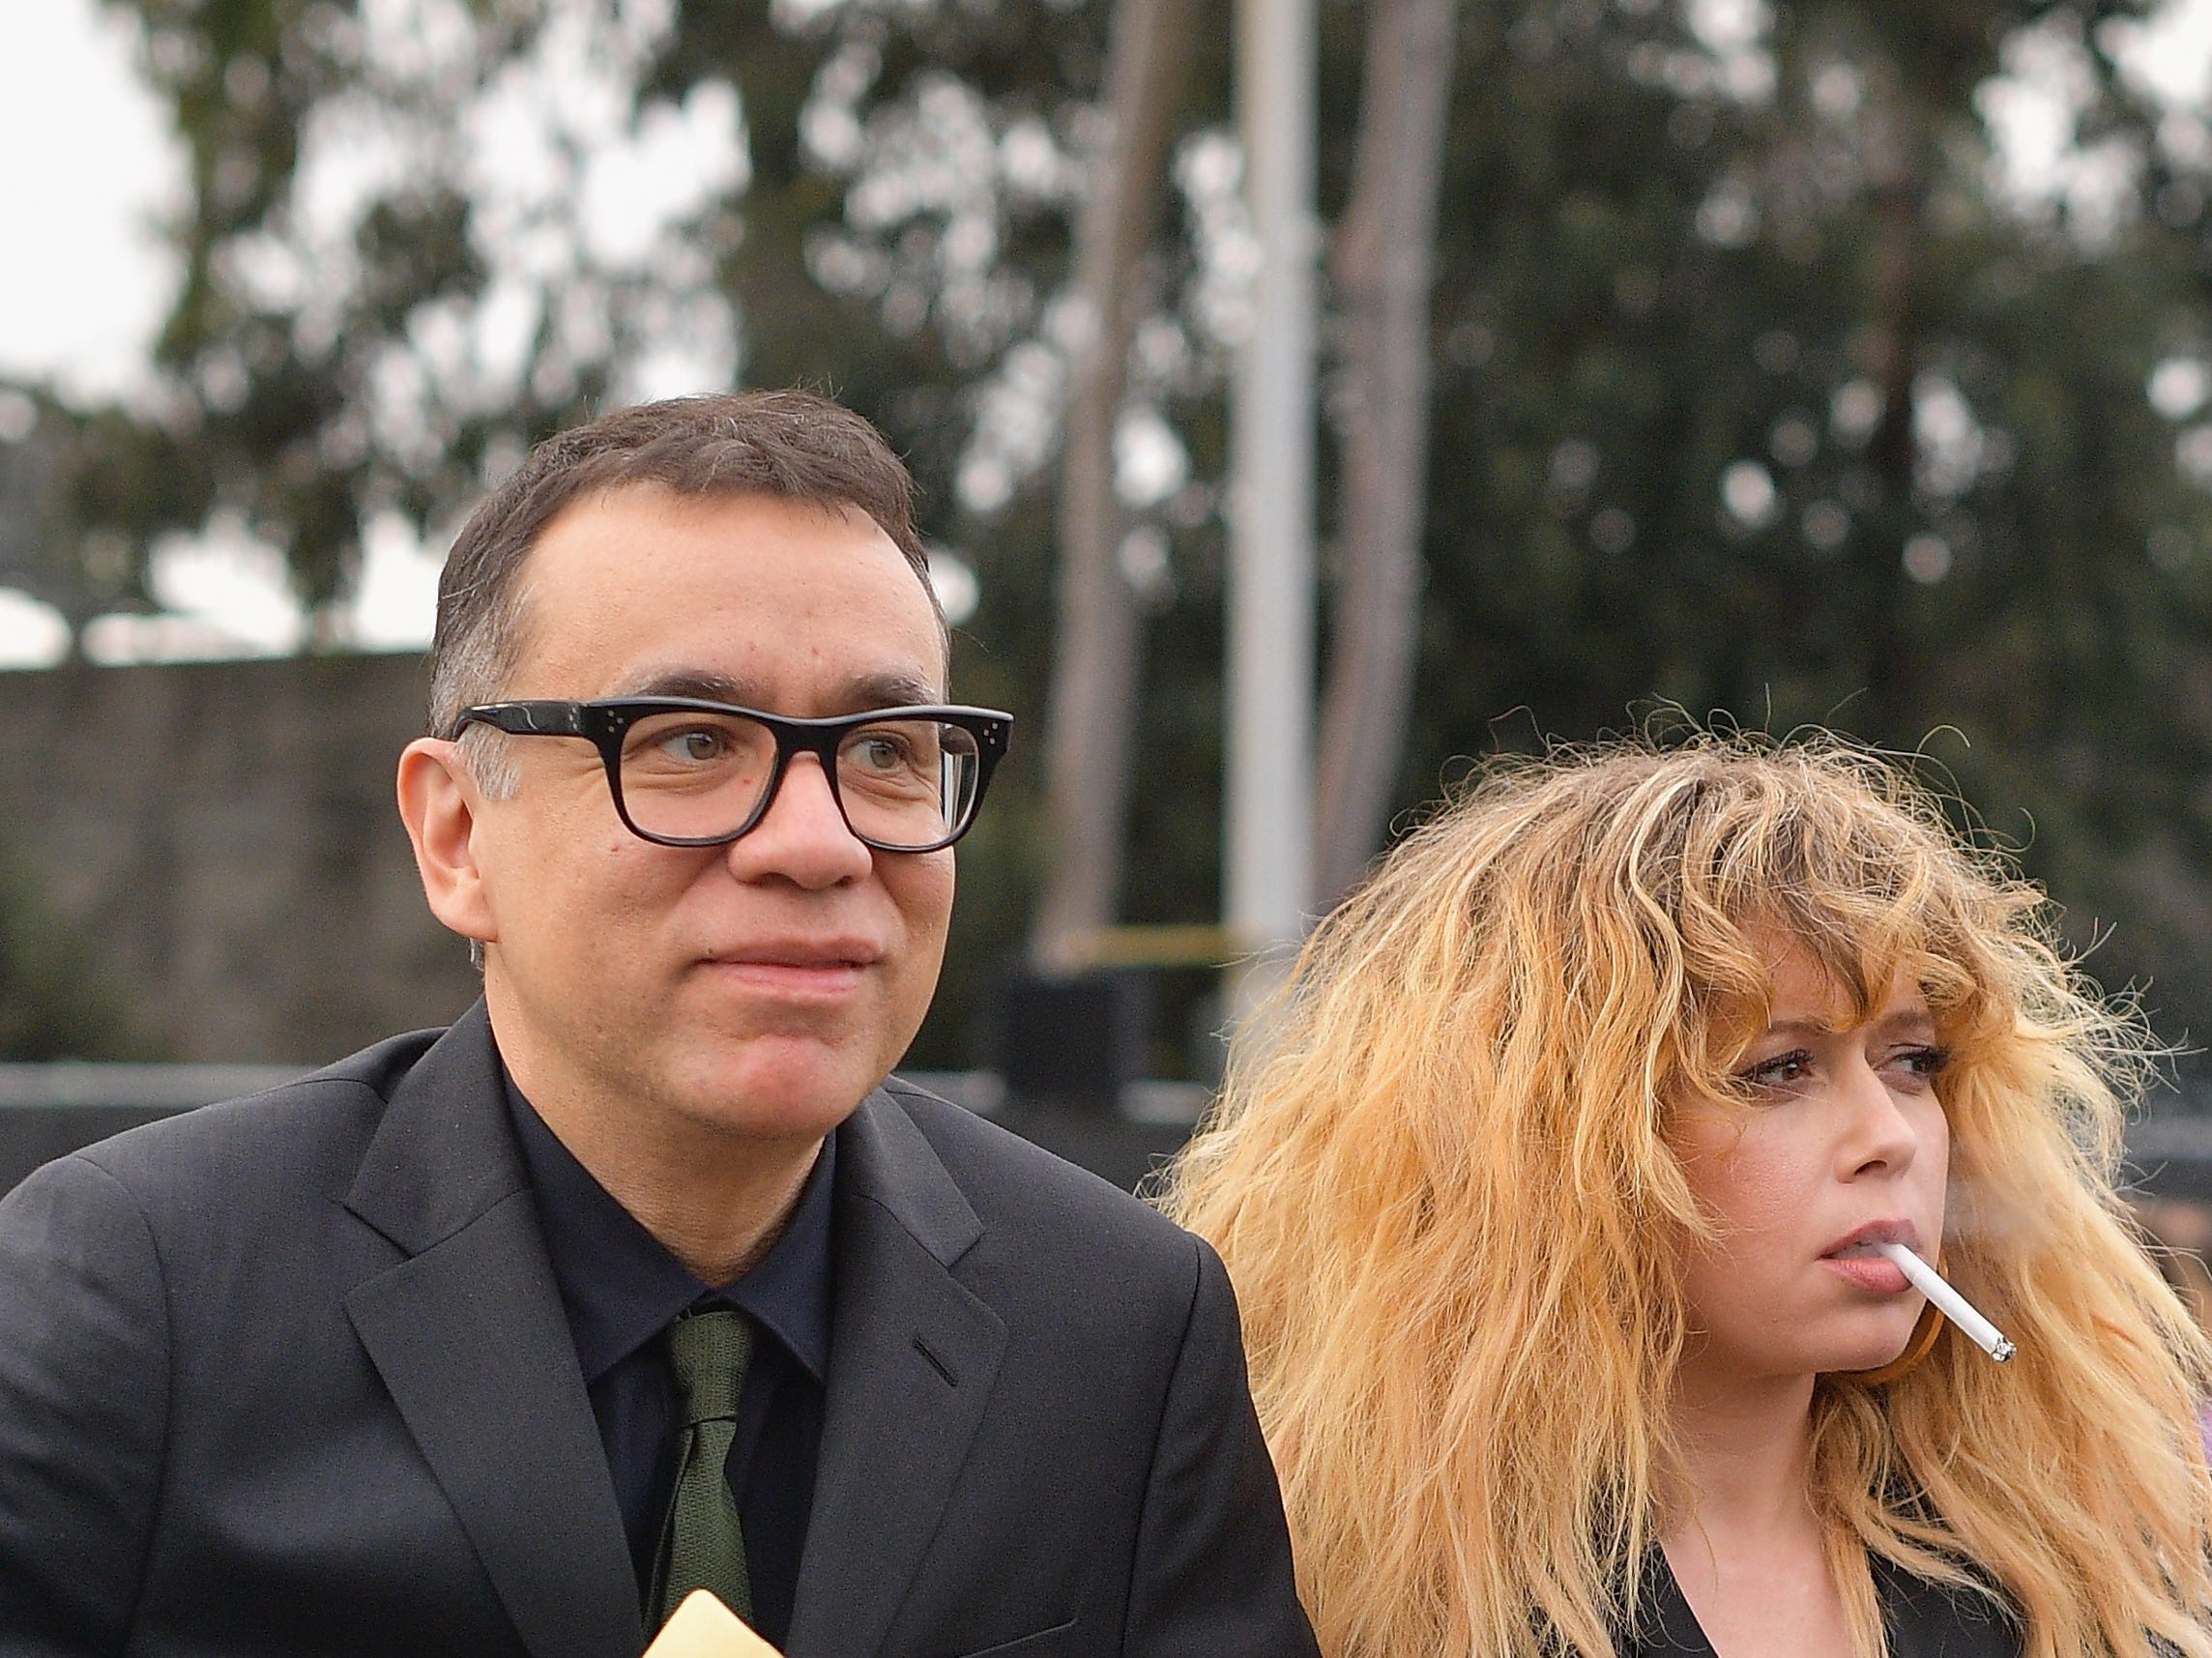 Fred Armisen (izq) y Natasha Lyonne asisten a la 61ª edición de los premios GRAMMY en el Staples Center el 10 de febrero de 2019 en Los Ángeles, California.